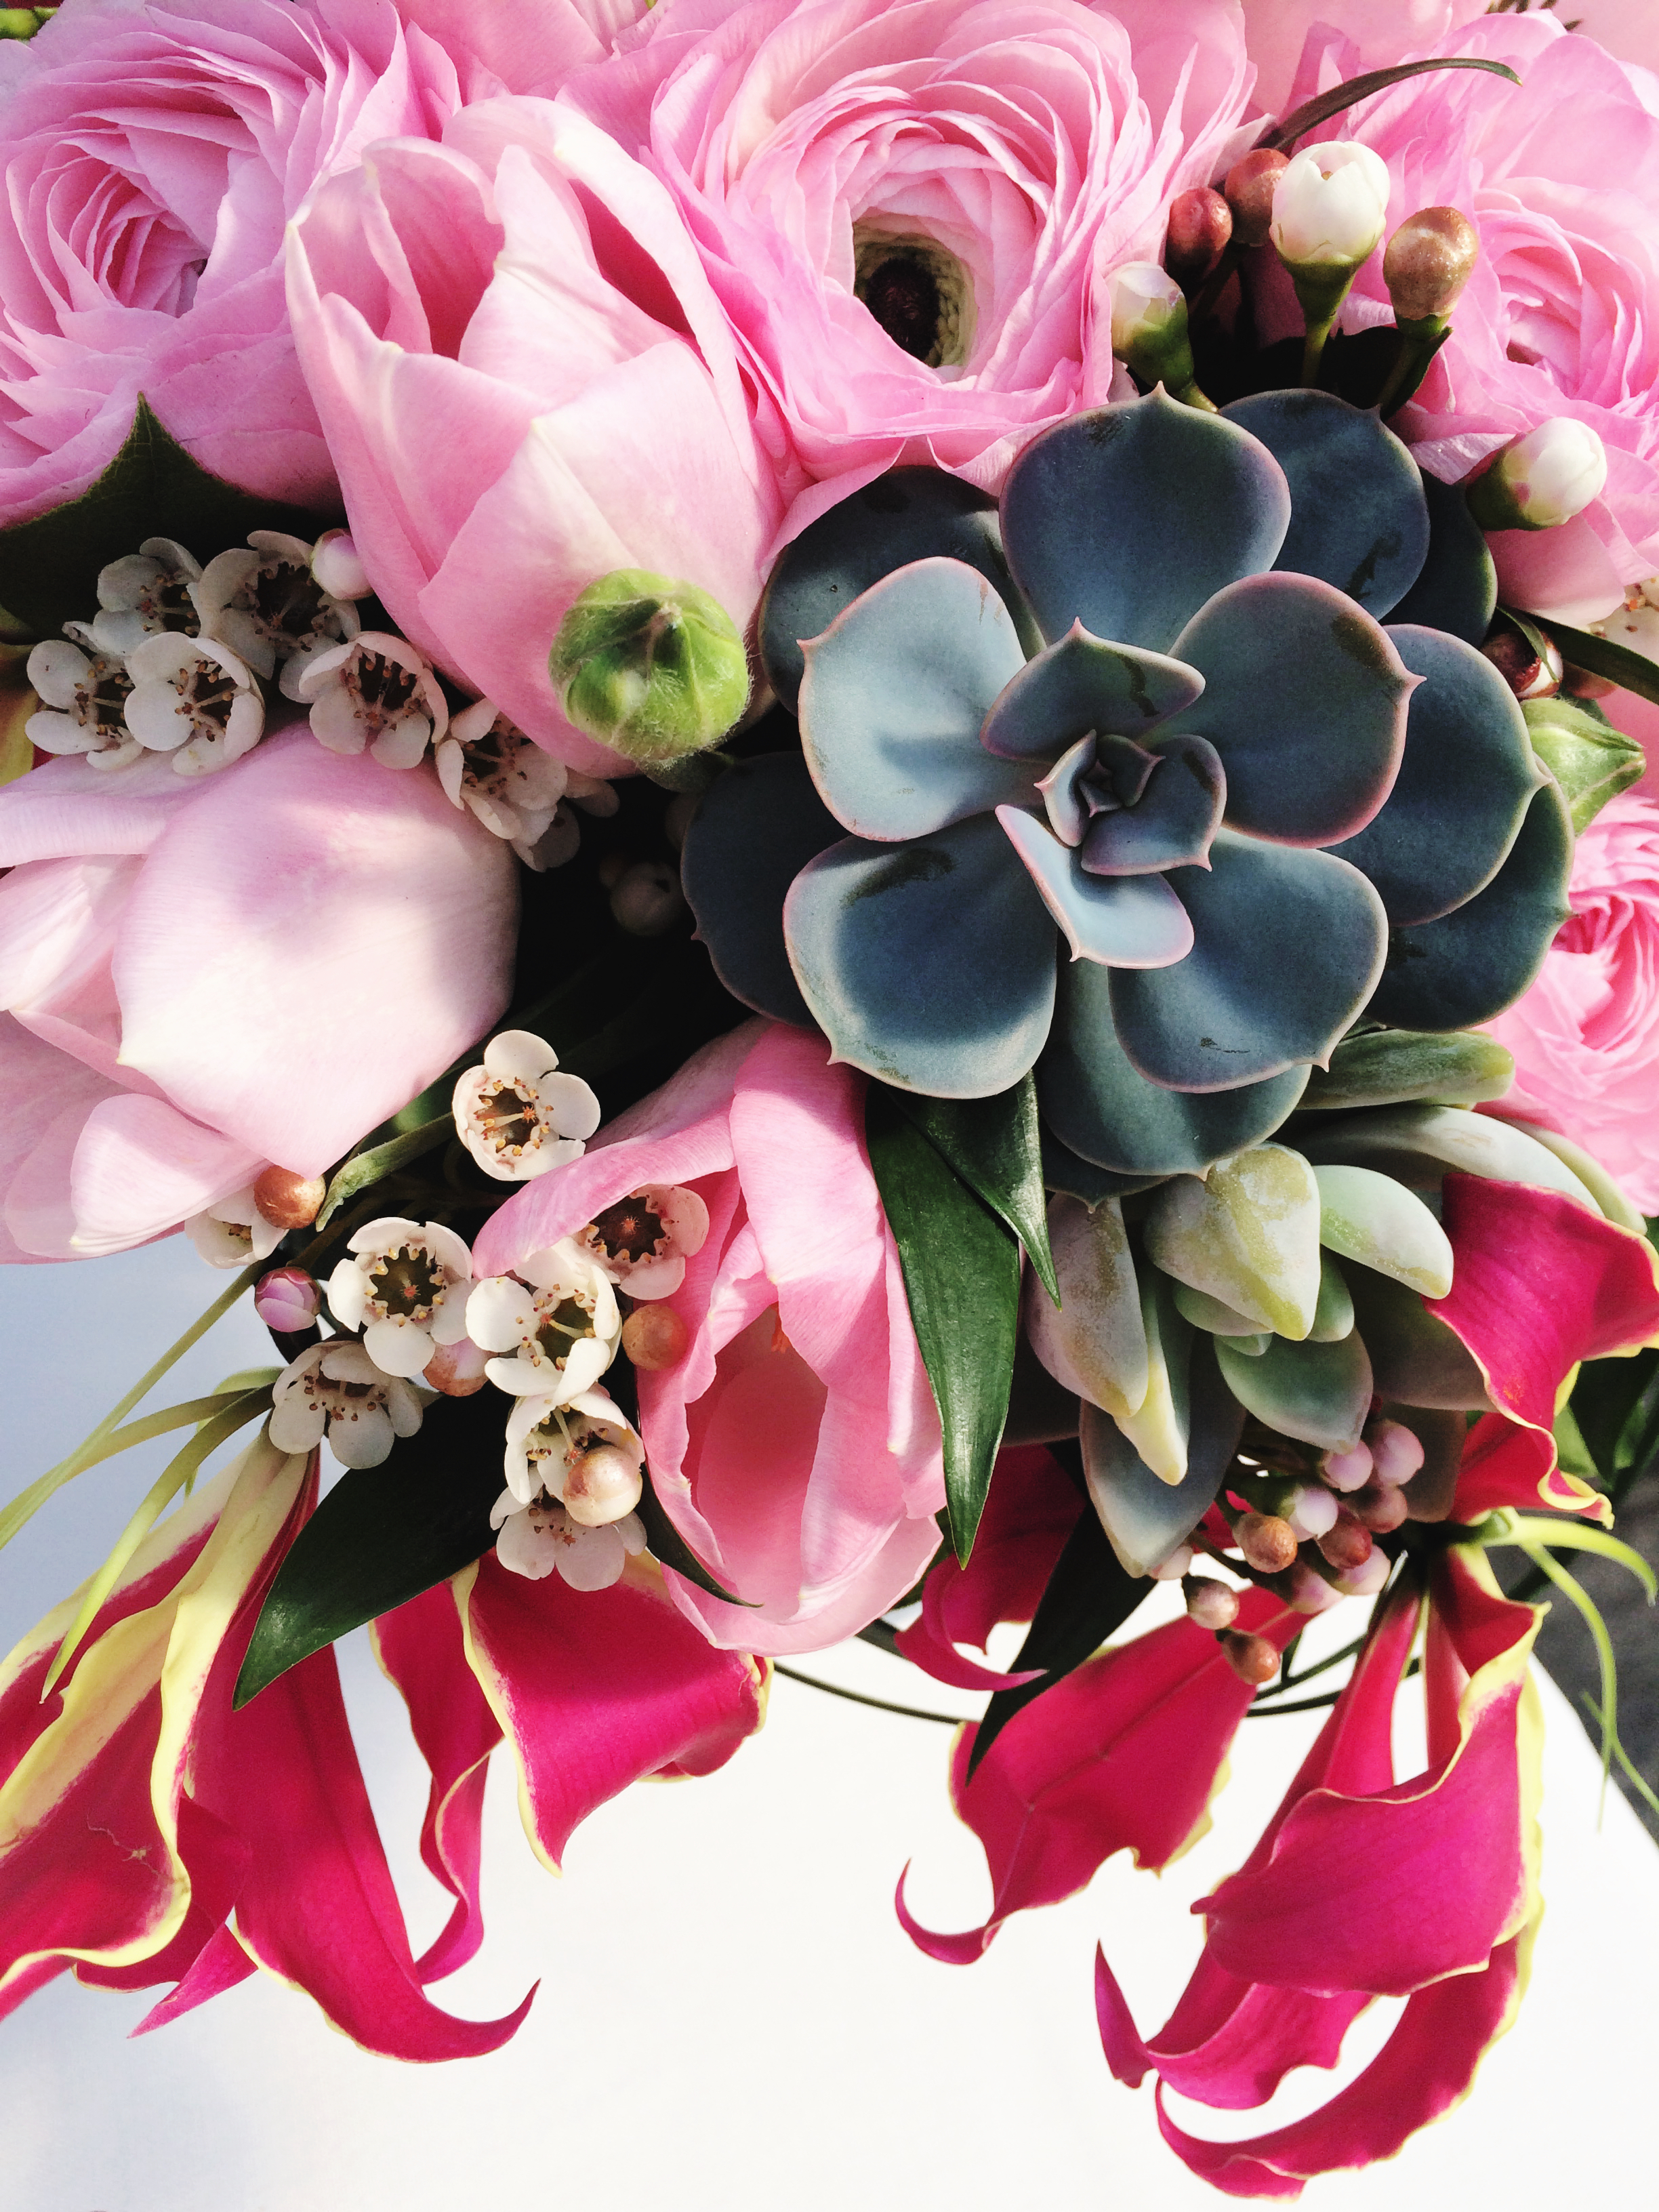 LaFabere loves succulents! lafabere.com/blog